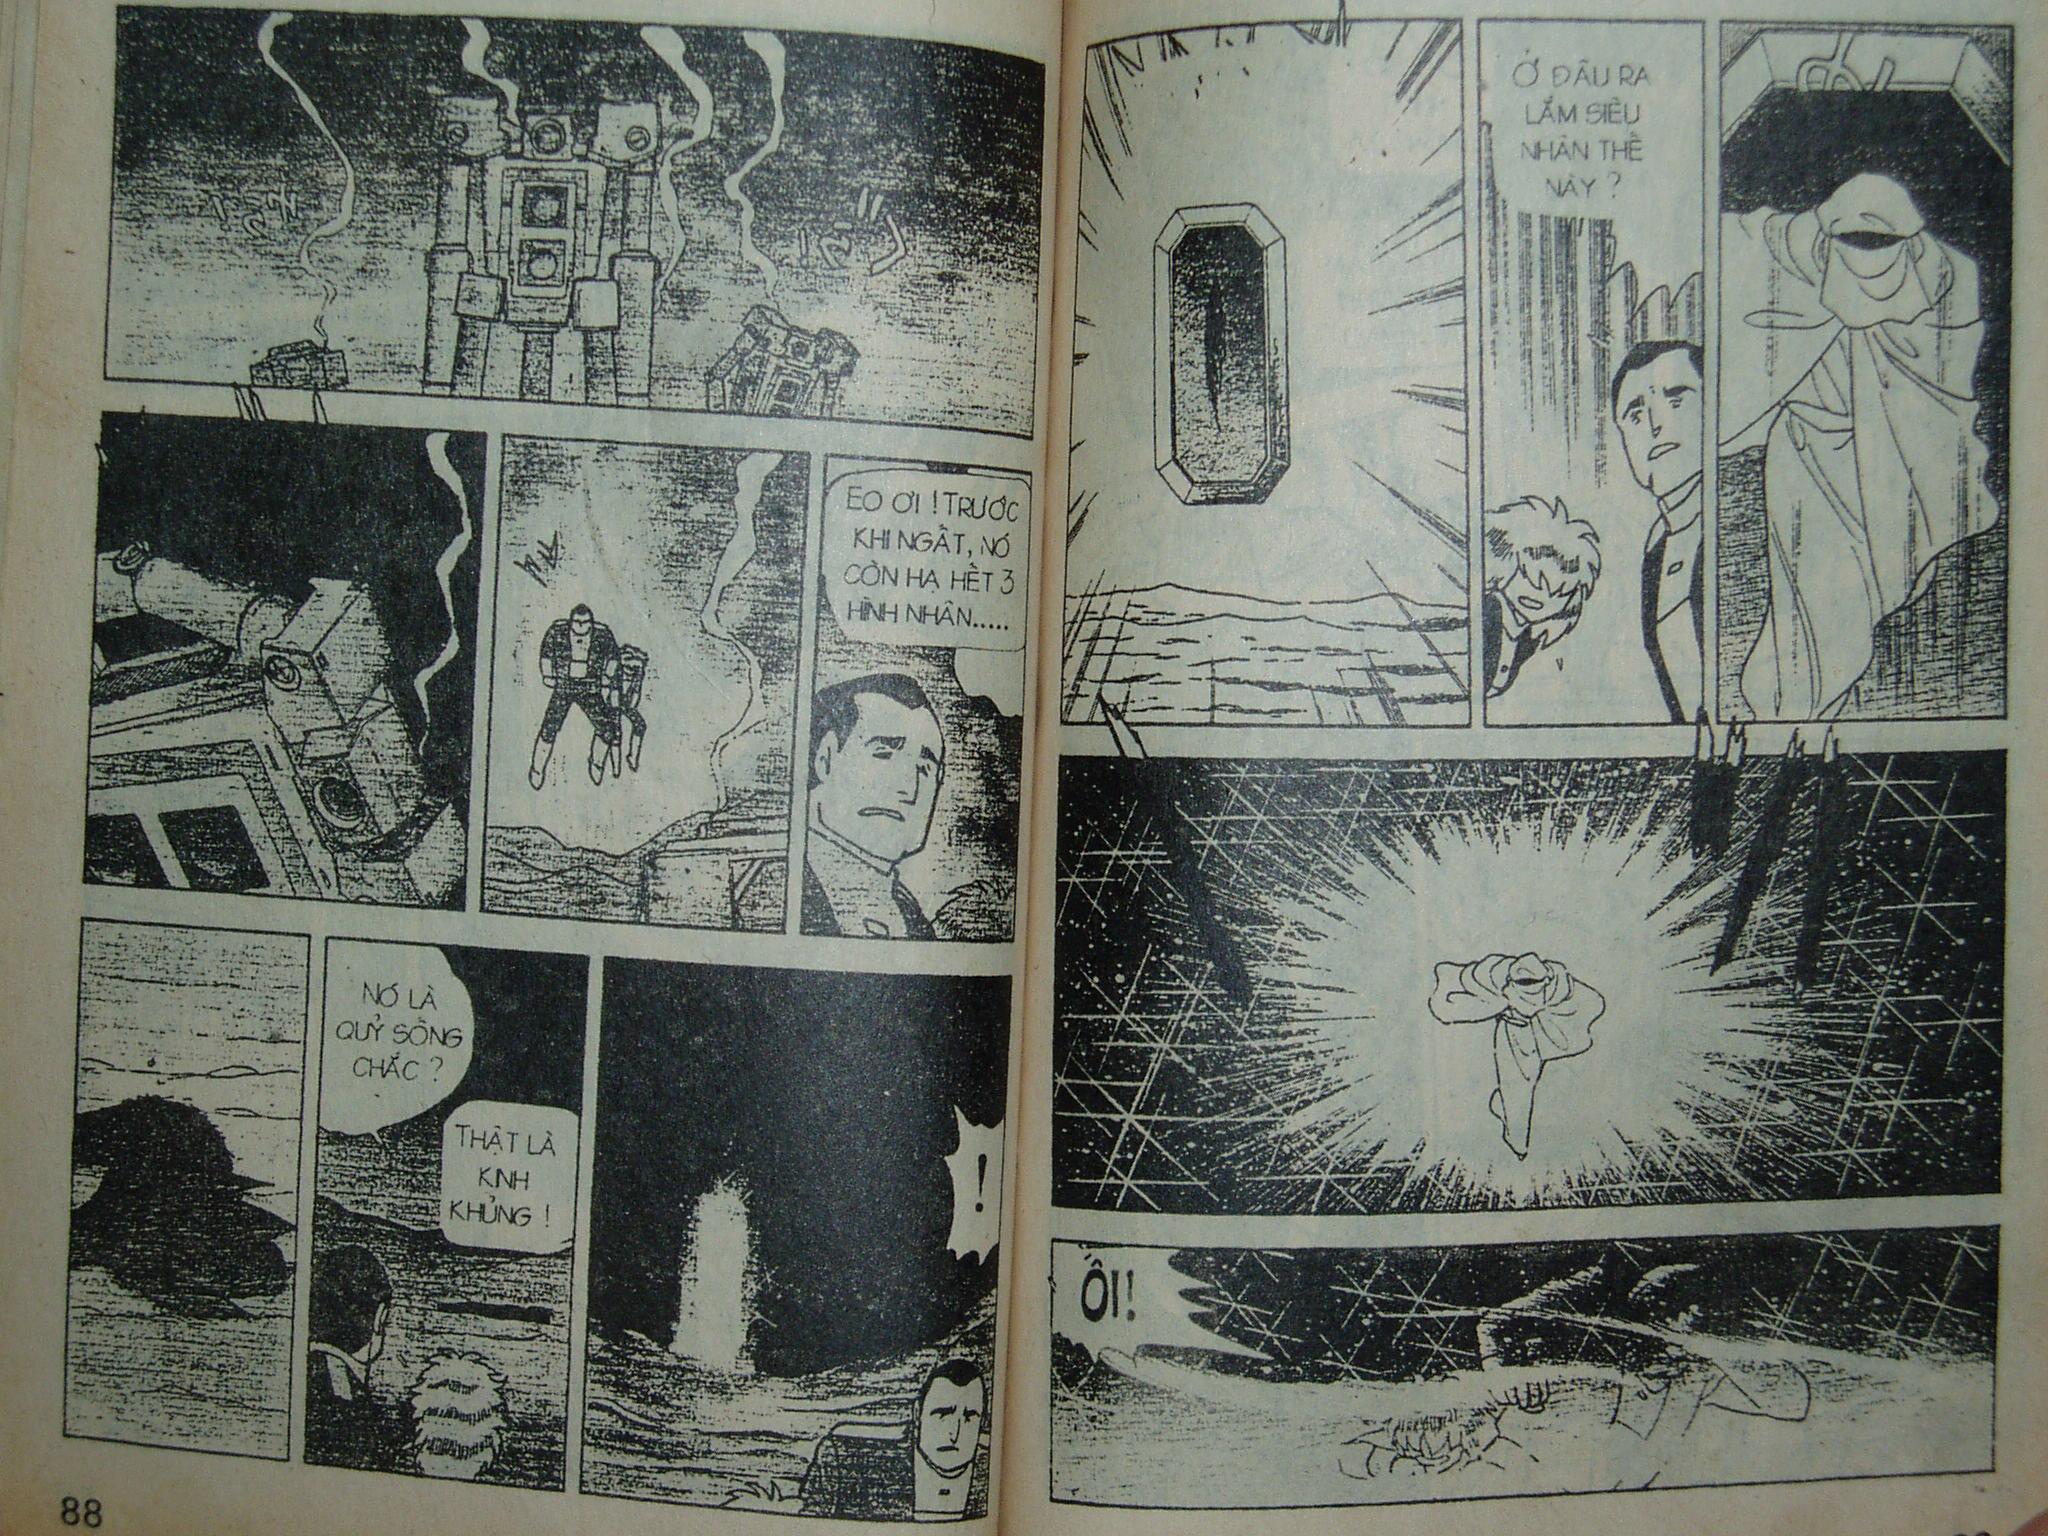 Siêu nhân Locke vol 17 trang 42